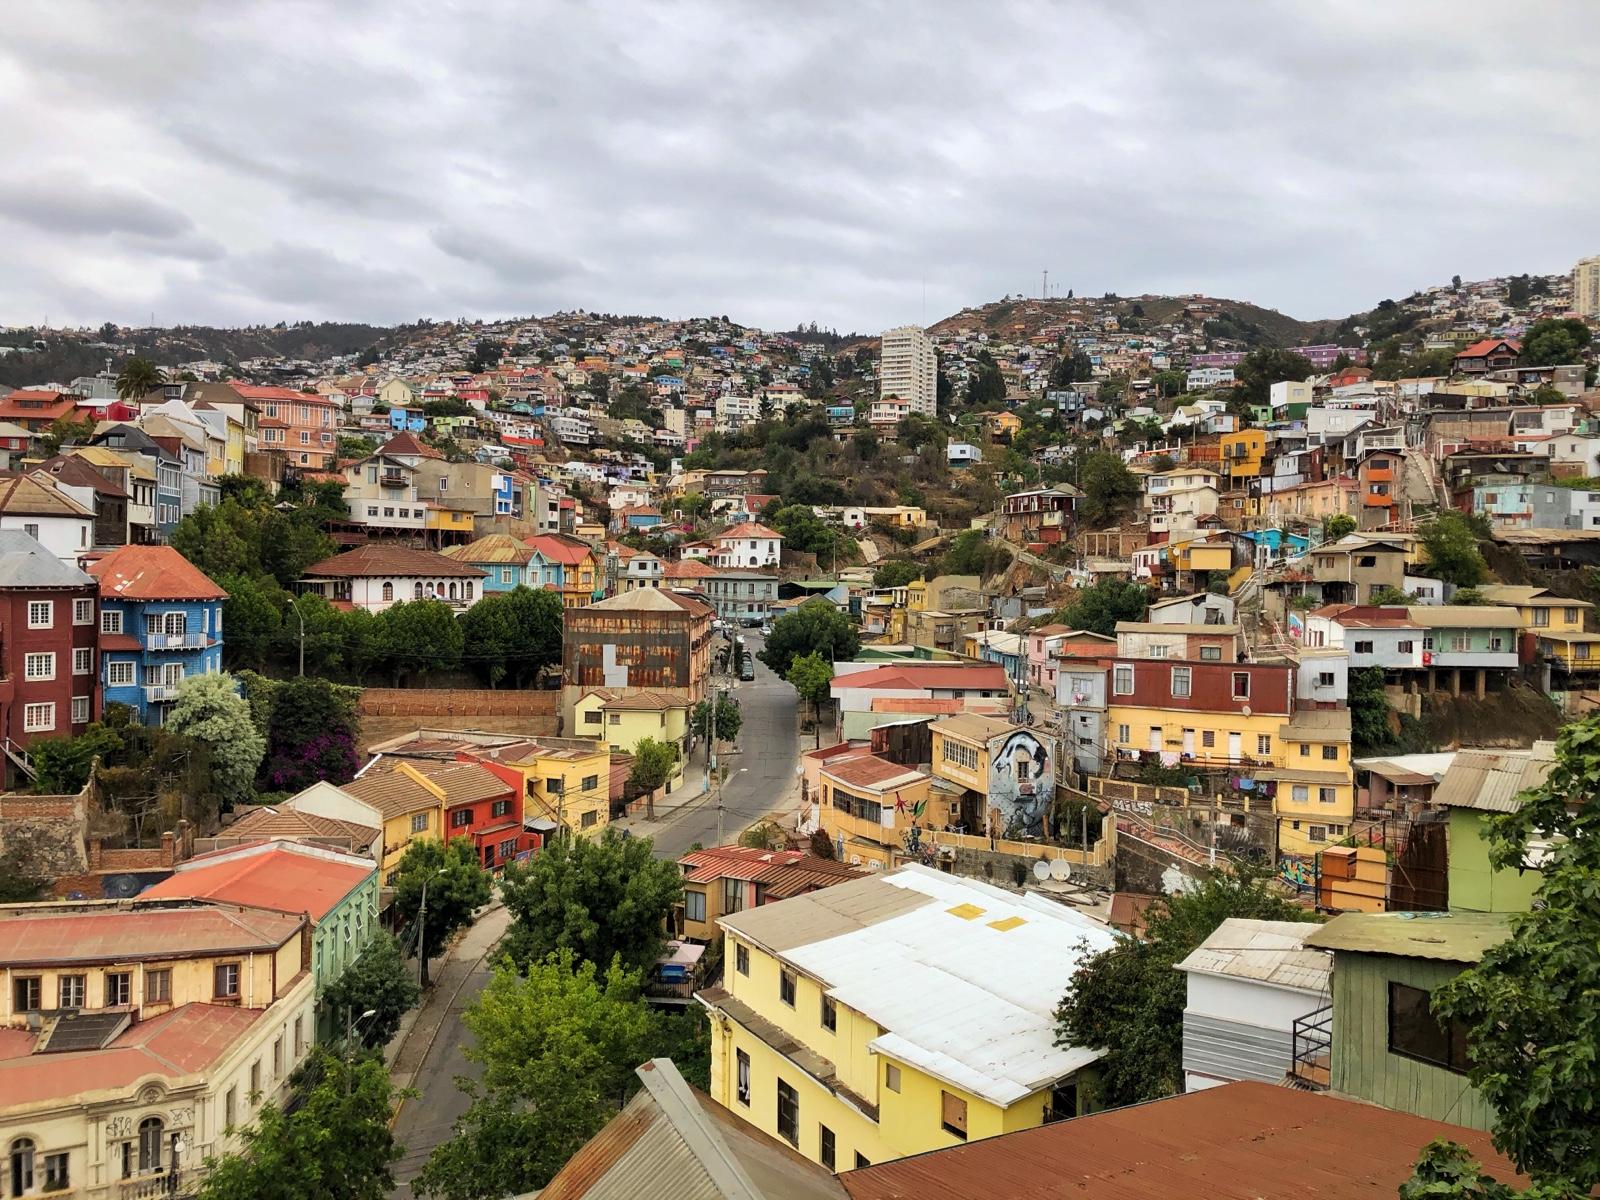 Valparaíso - Blick auf einen Teil der Stadt